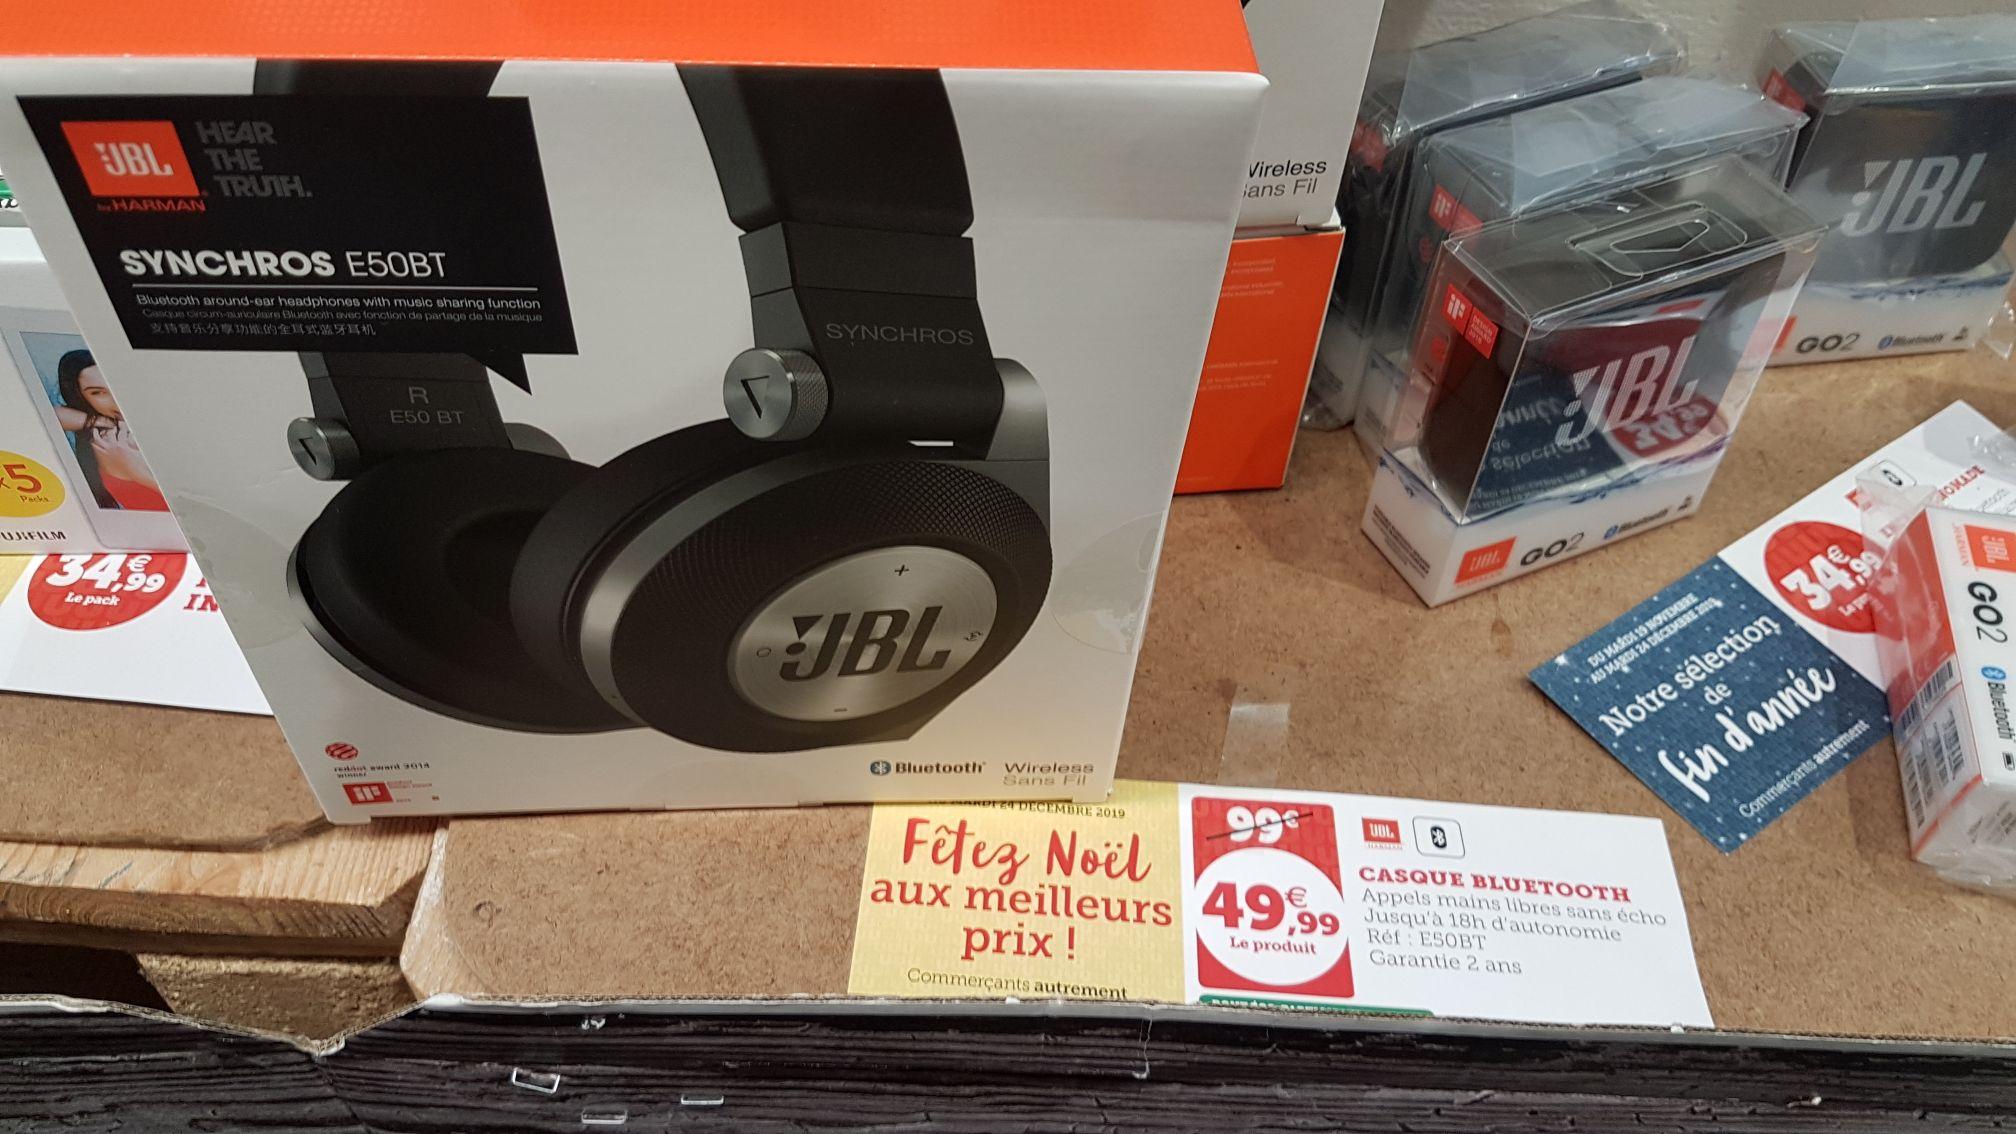 Casque audio sans-fil JBL E50BT - Bluetooth, Noir. Super U Gundershoffen (67)